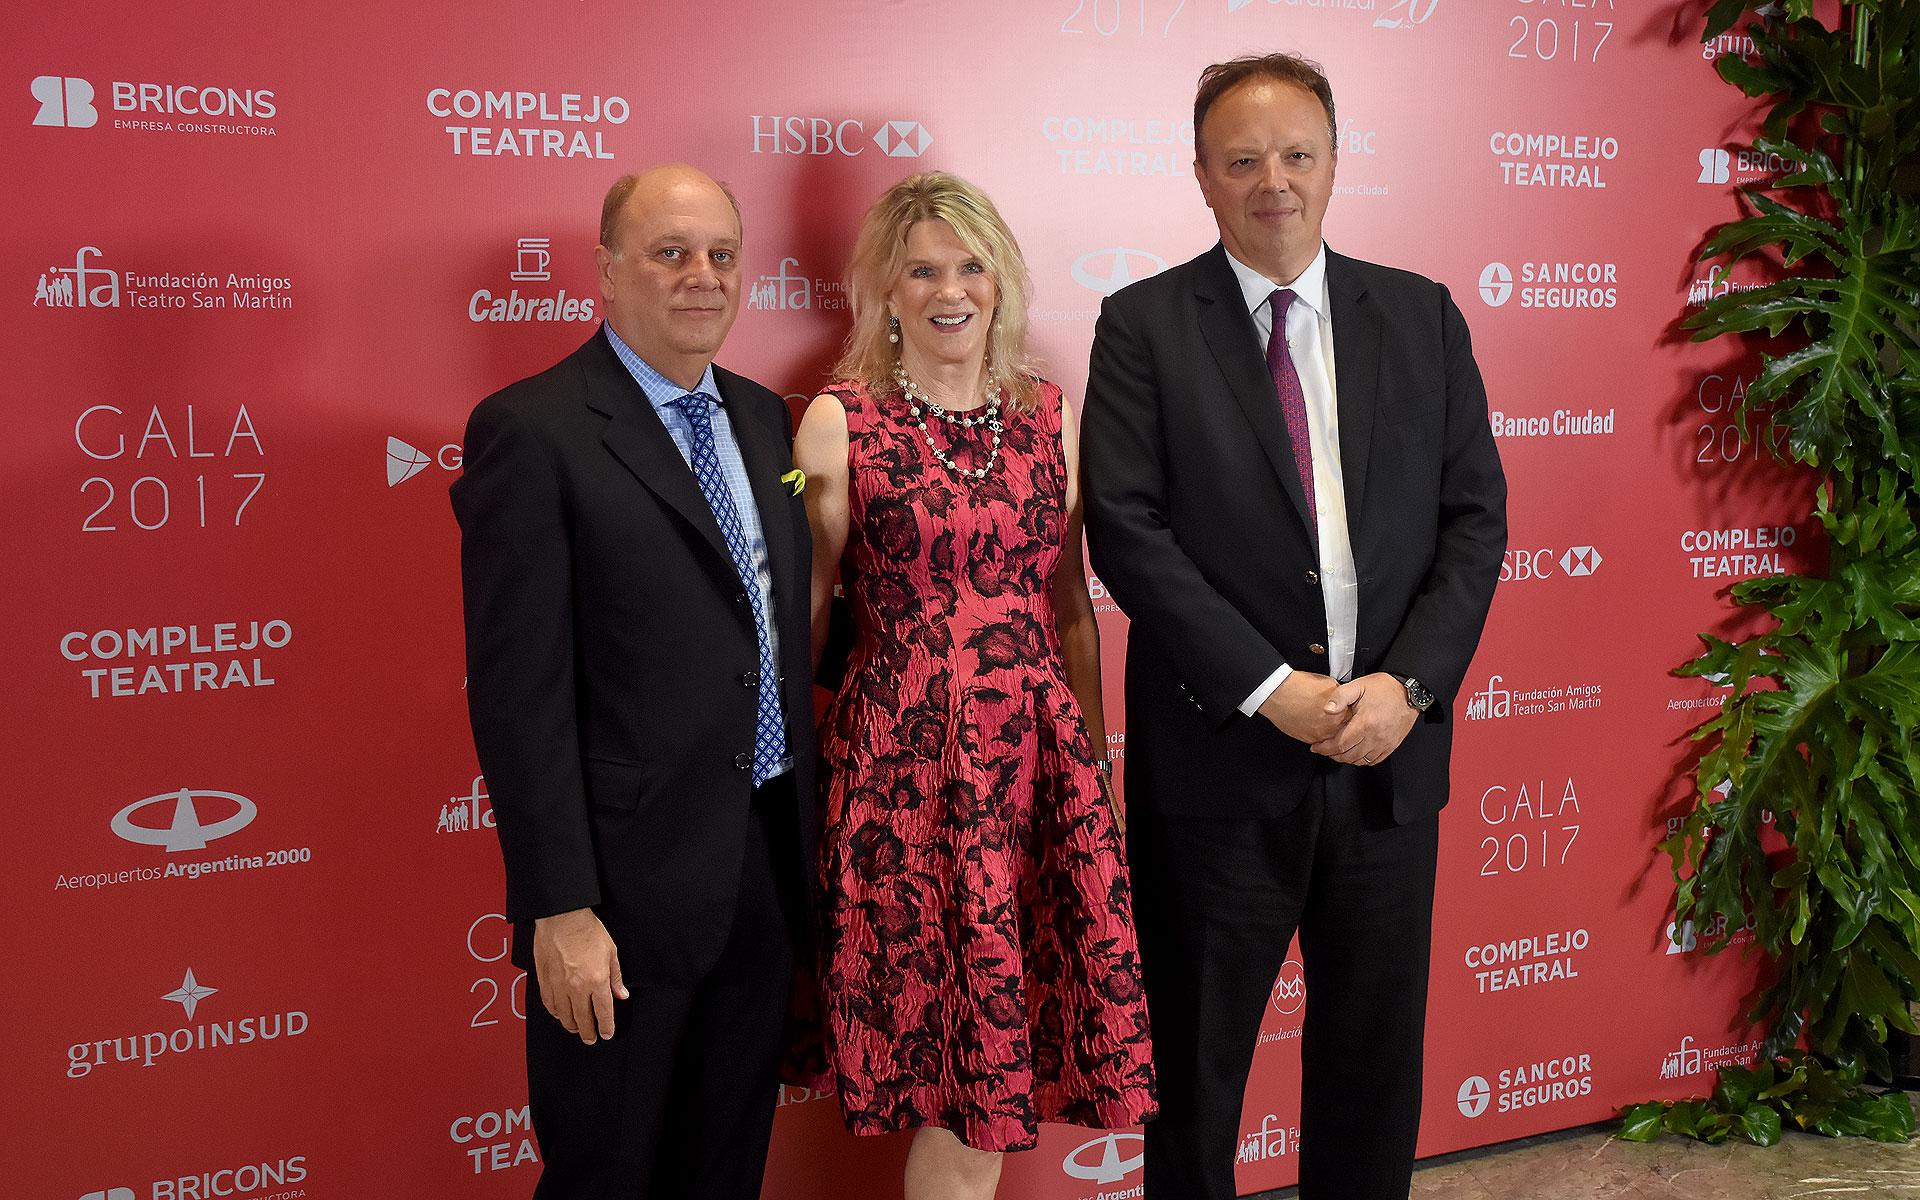 Martín Cabrales, Eva Soldati y Juan Ignacio Nápoli, presidente del Banco de Valores